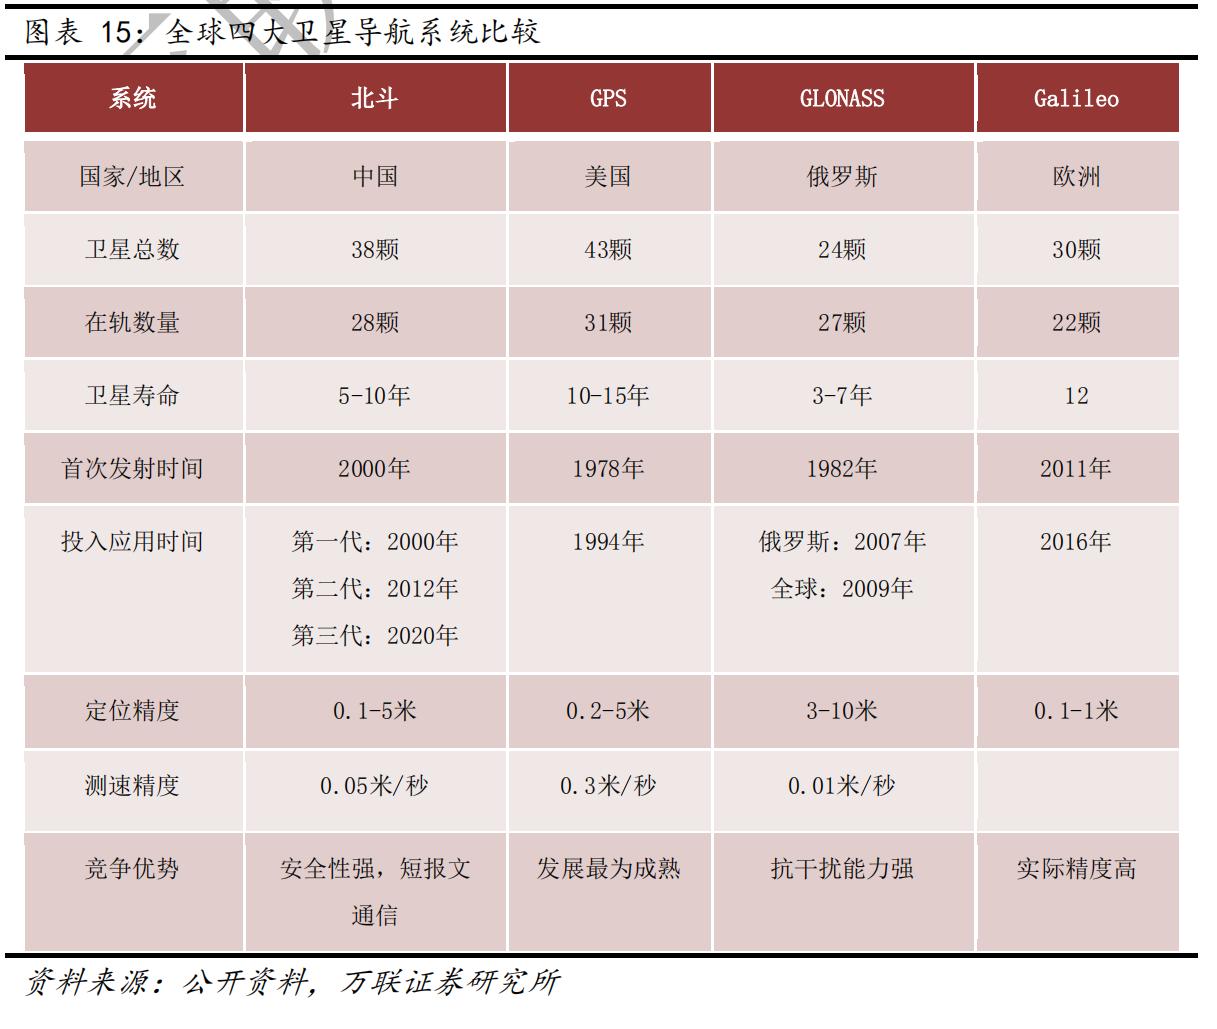 天富官网,三号完成天富官网组网卫星导航产业蓝图片